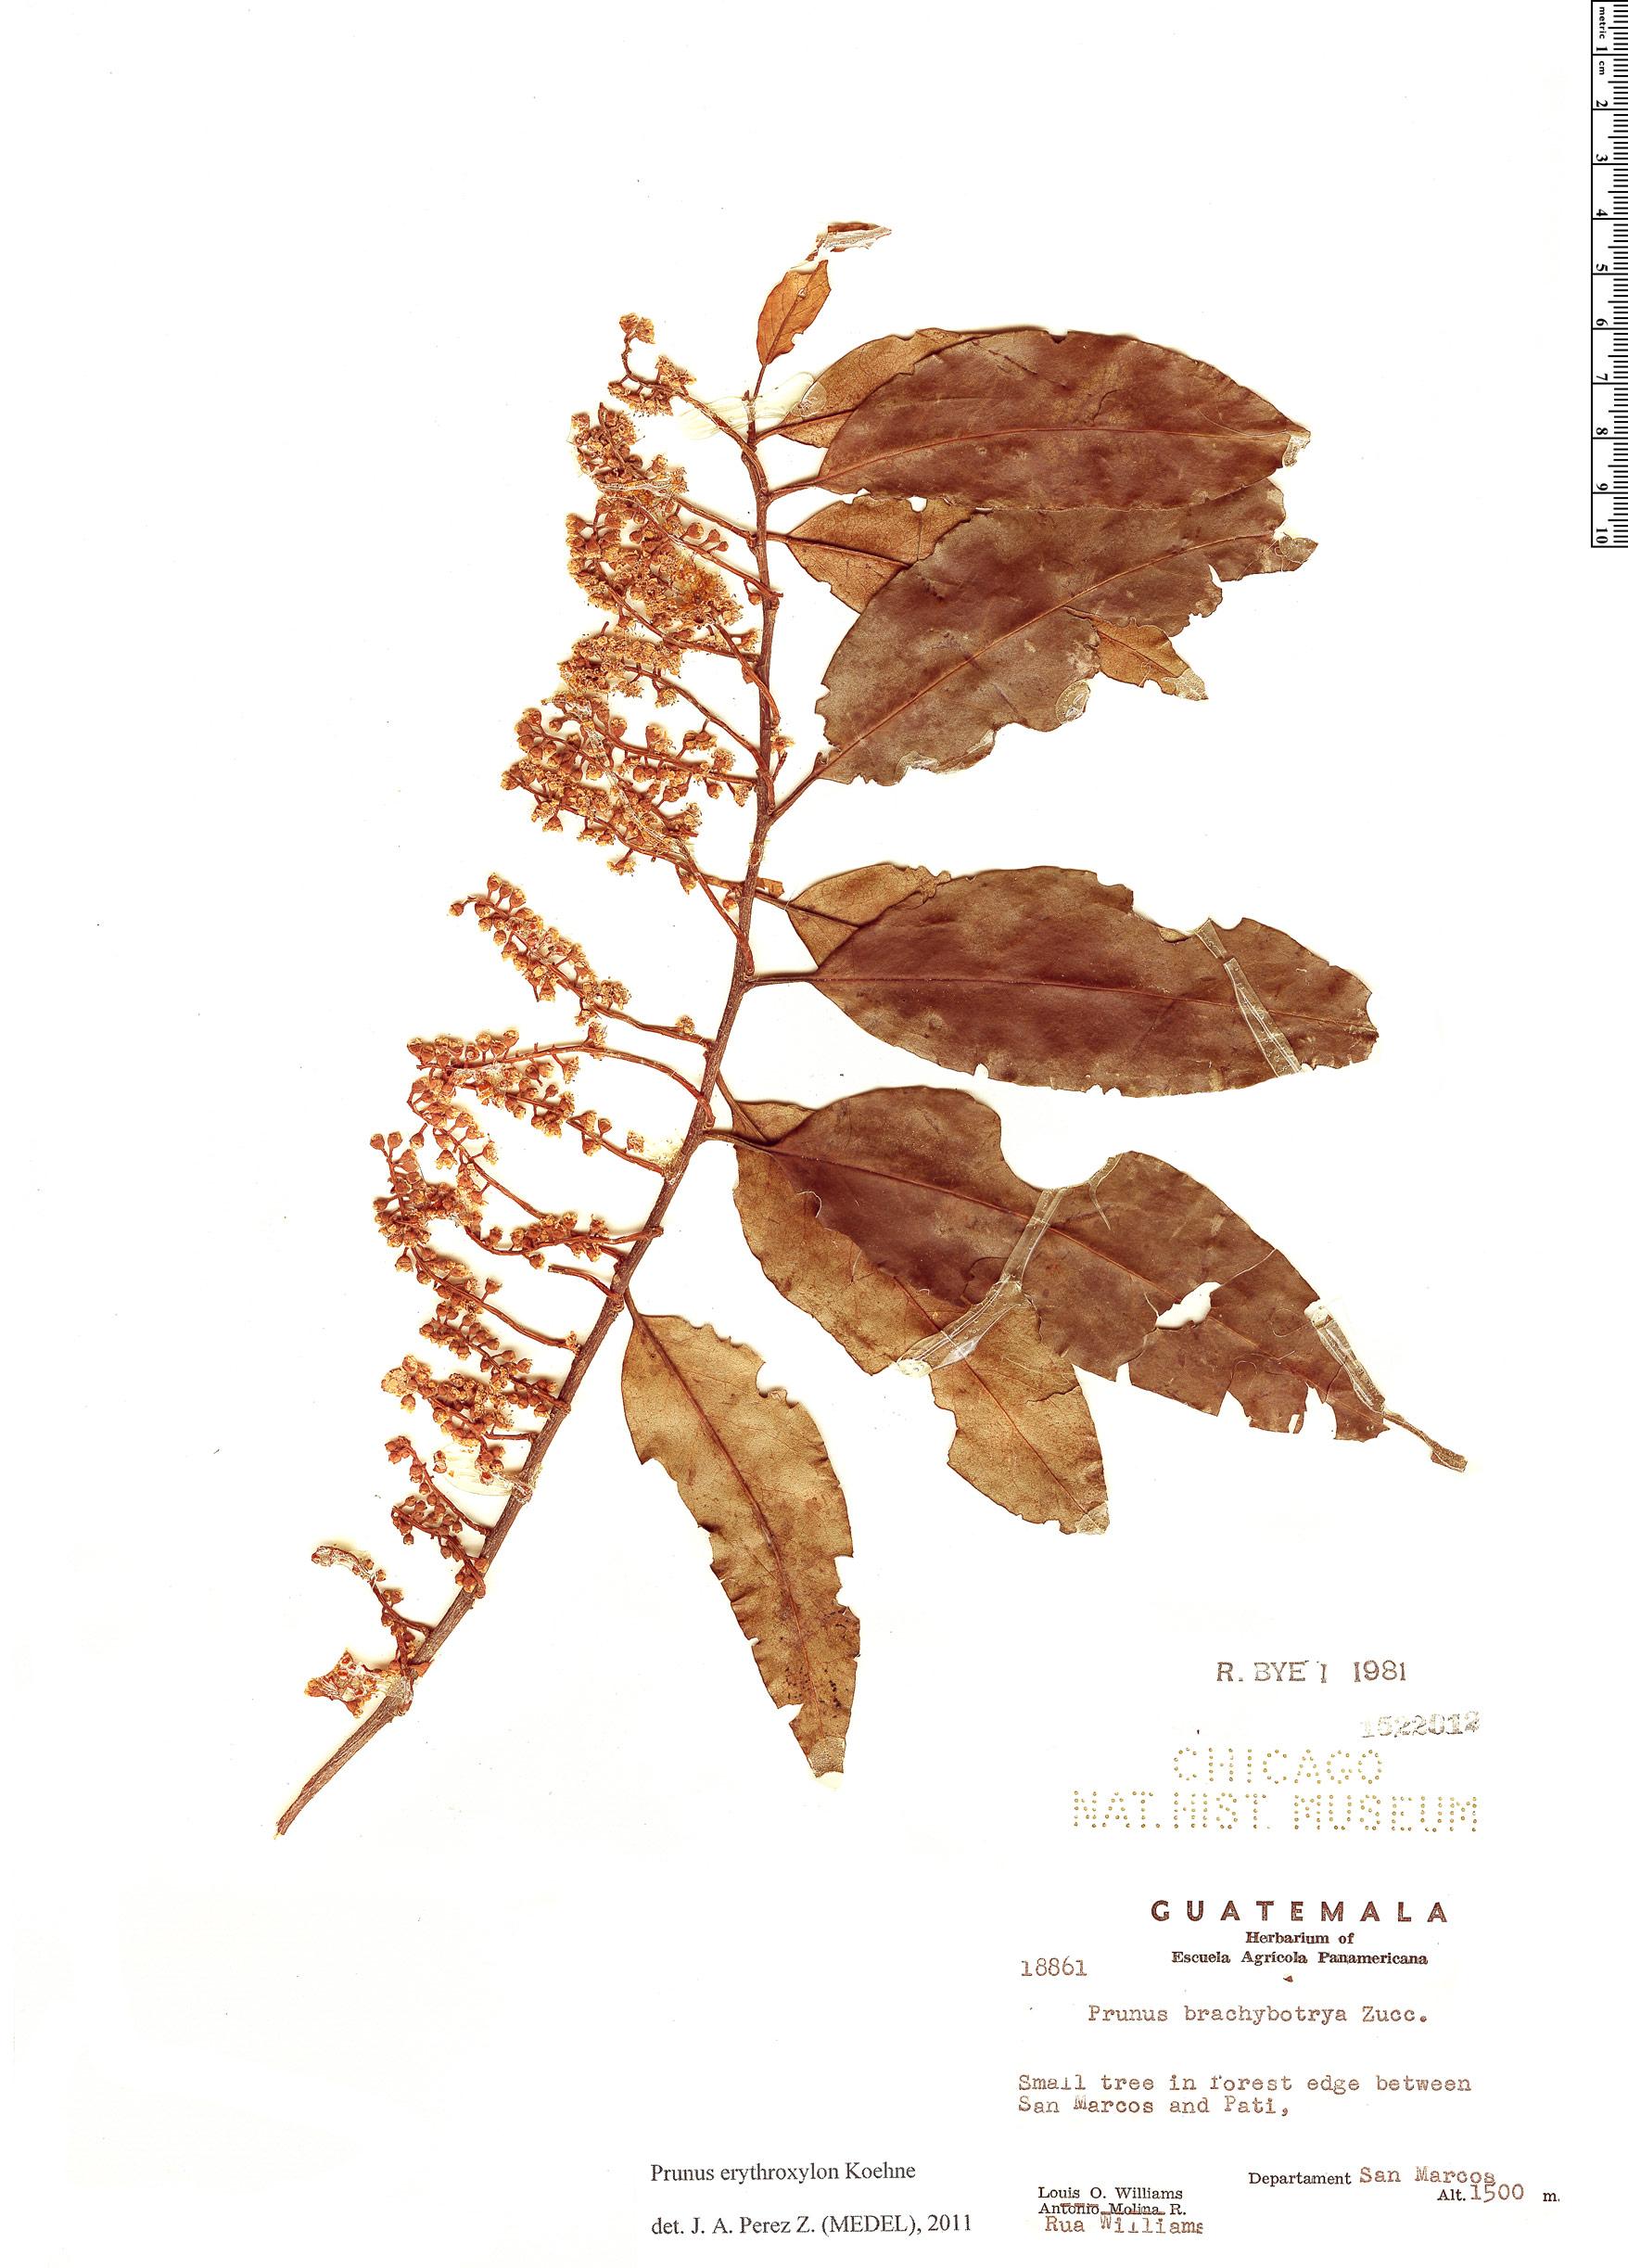 Specimen: Prunus erythroxylon